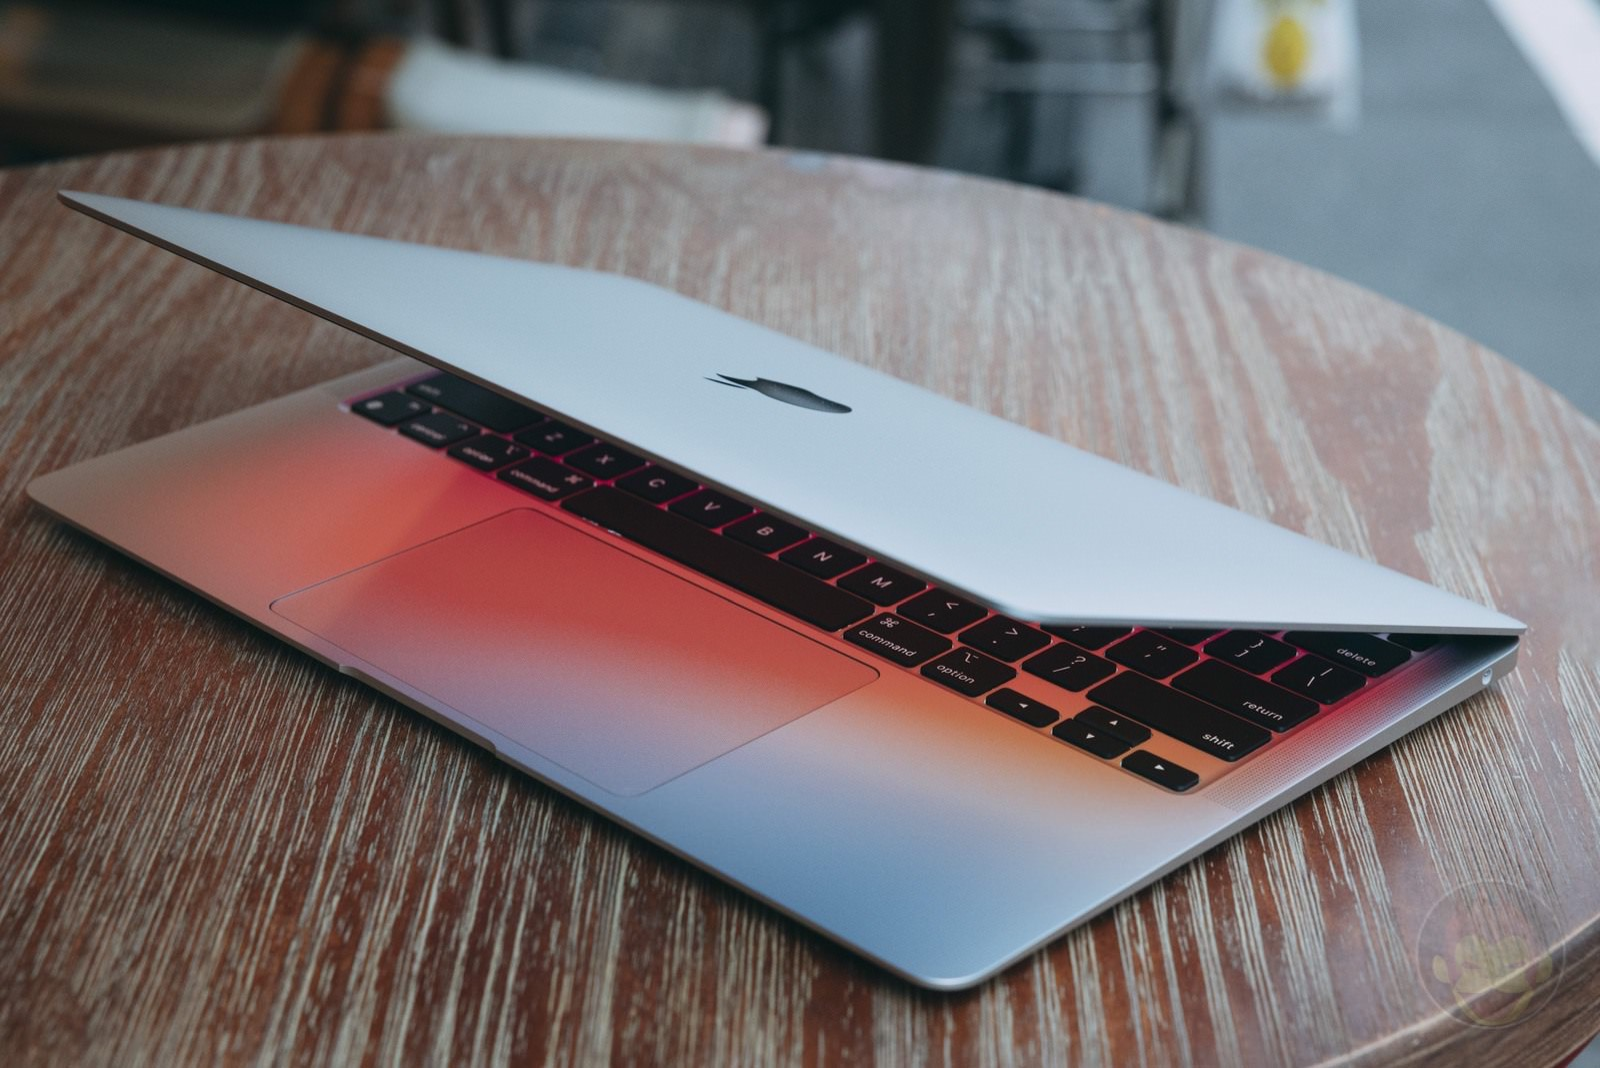 MacBook Air Mini LED coming 2022 01